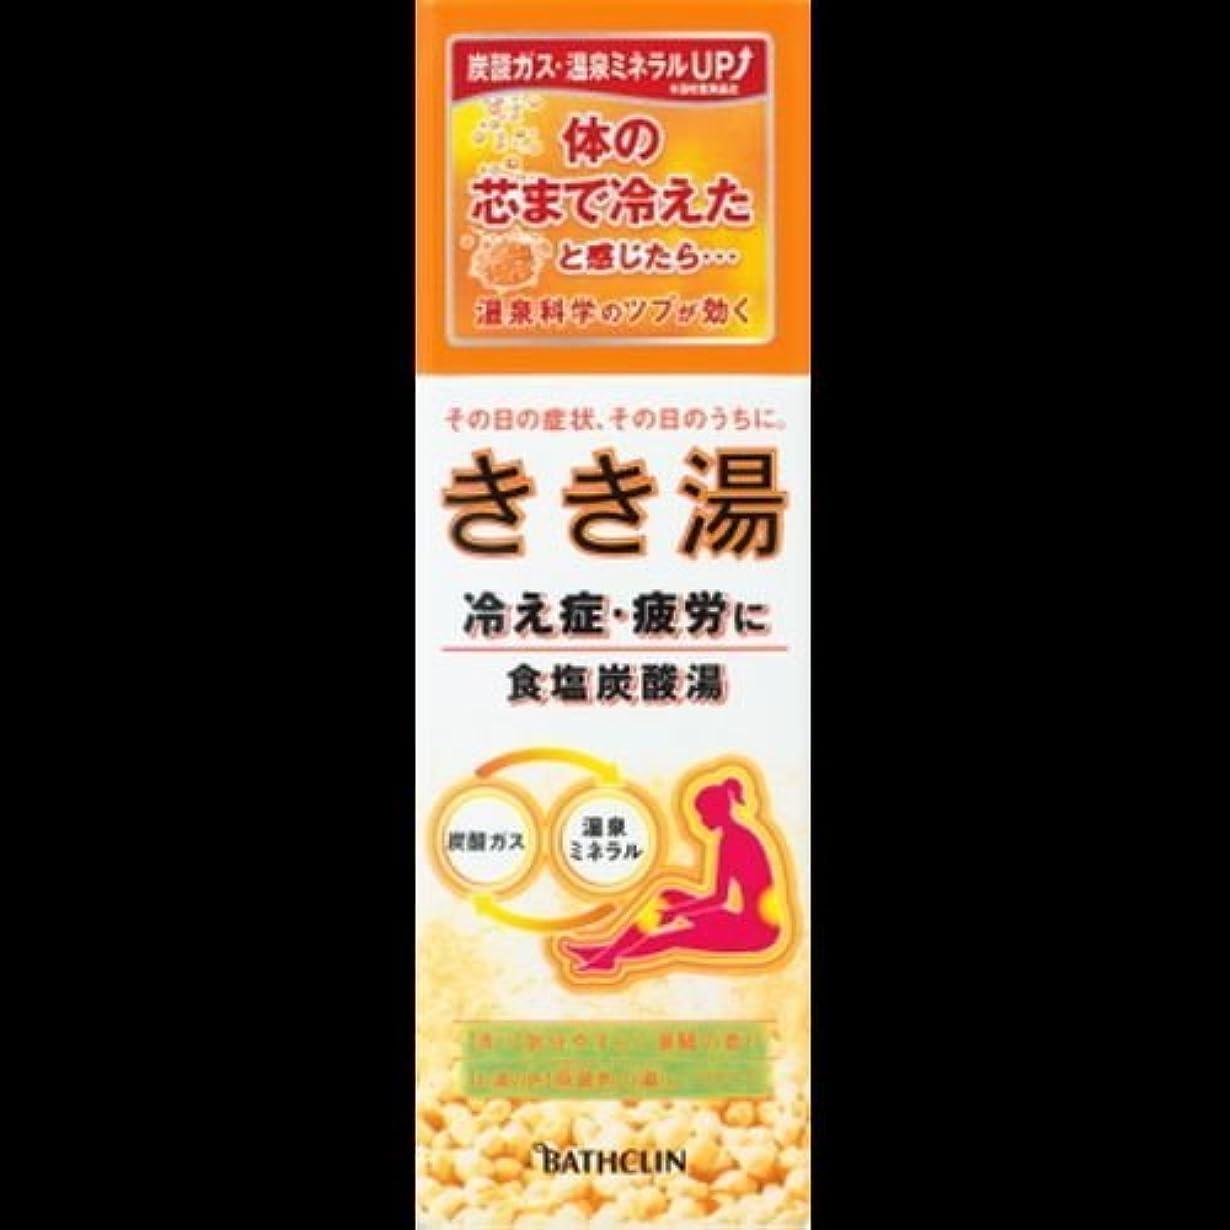 オセアニア頑張る激しい【まとめ買い】きき湯 食塩炭酸湯 気分やすらぐ潮騒の香り萌黄色の湯(にごりタイプ) 360g ×2セット